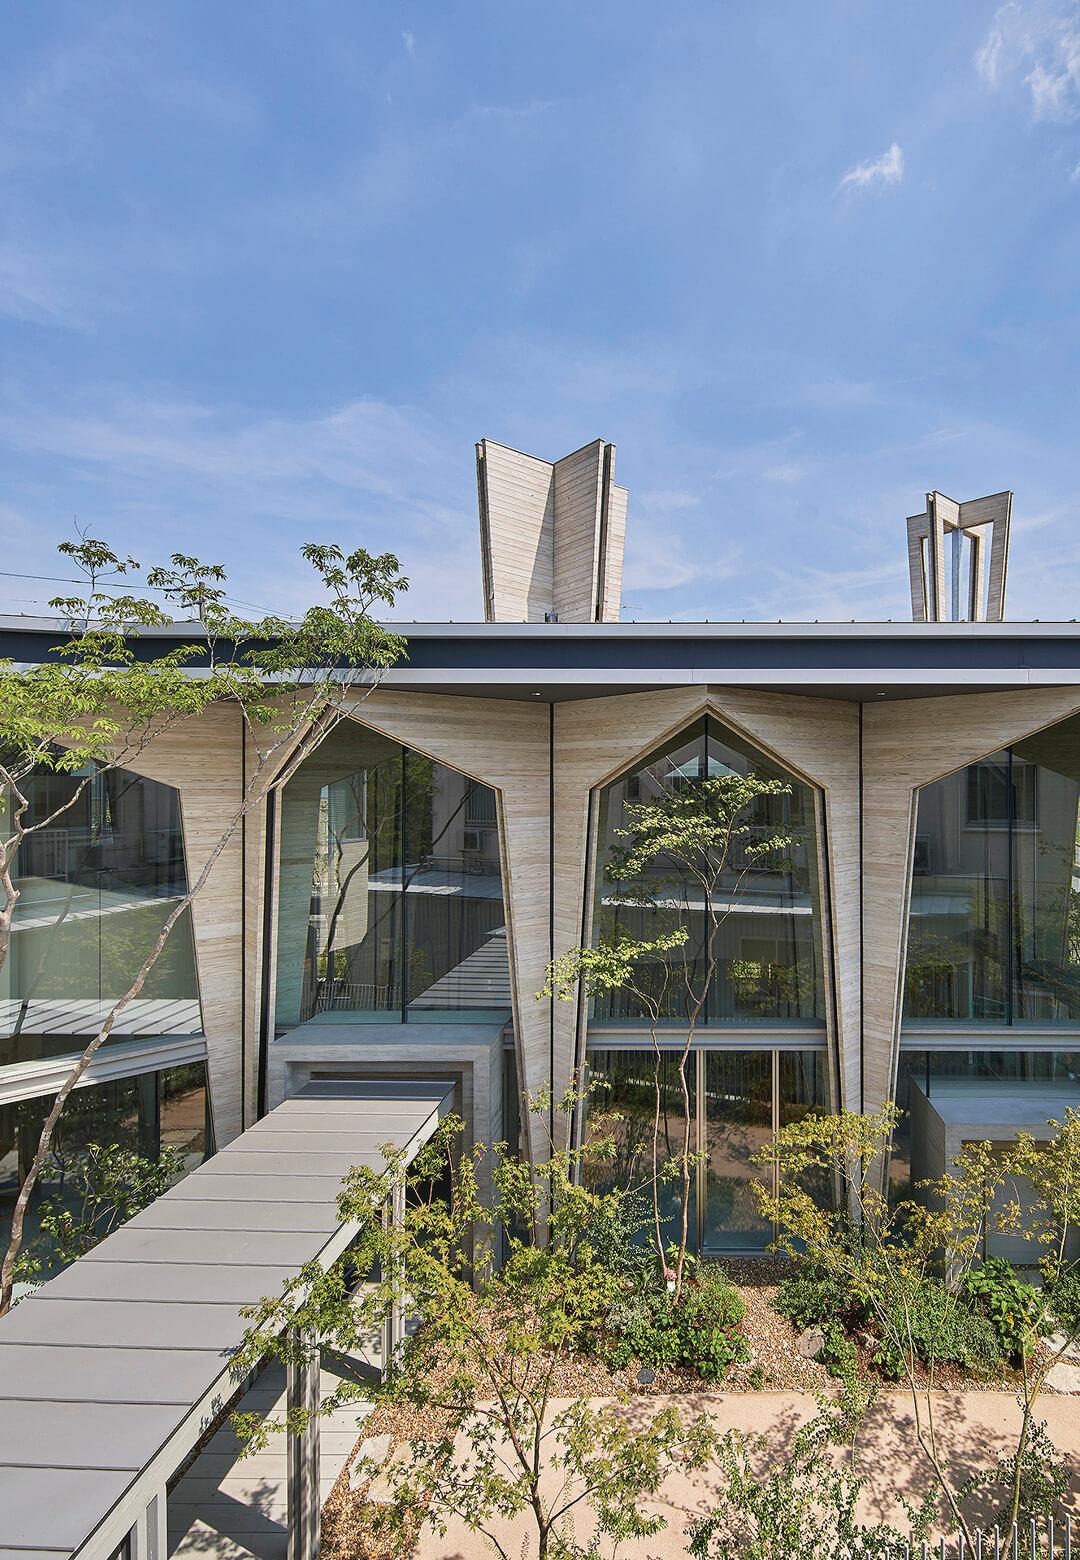 Tsukushi Nursery School Foresta Karankaro by UID Architects   Tsukushi Nursery School Foresta Karankoro by UID Architects   STIRworld